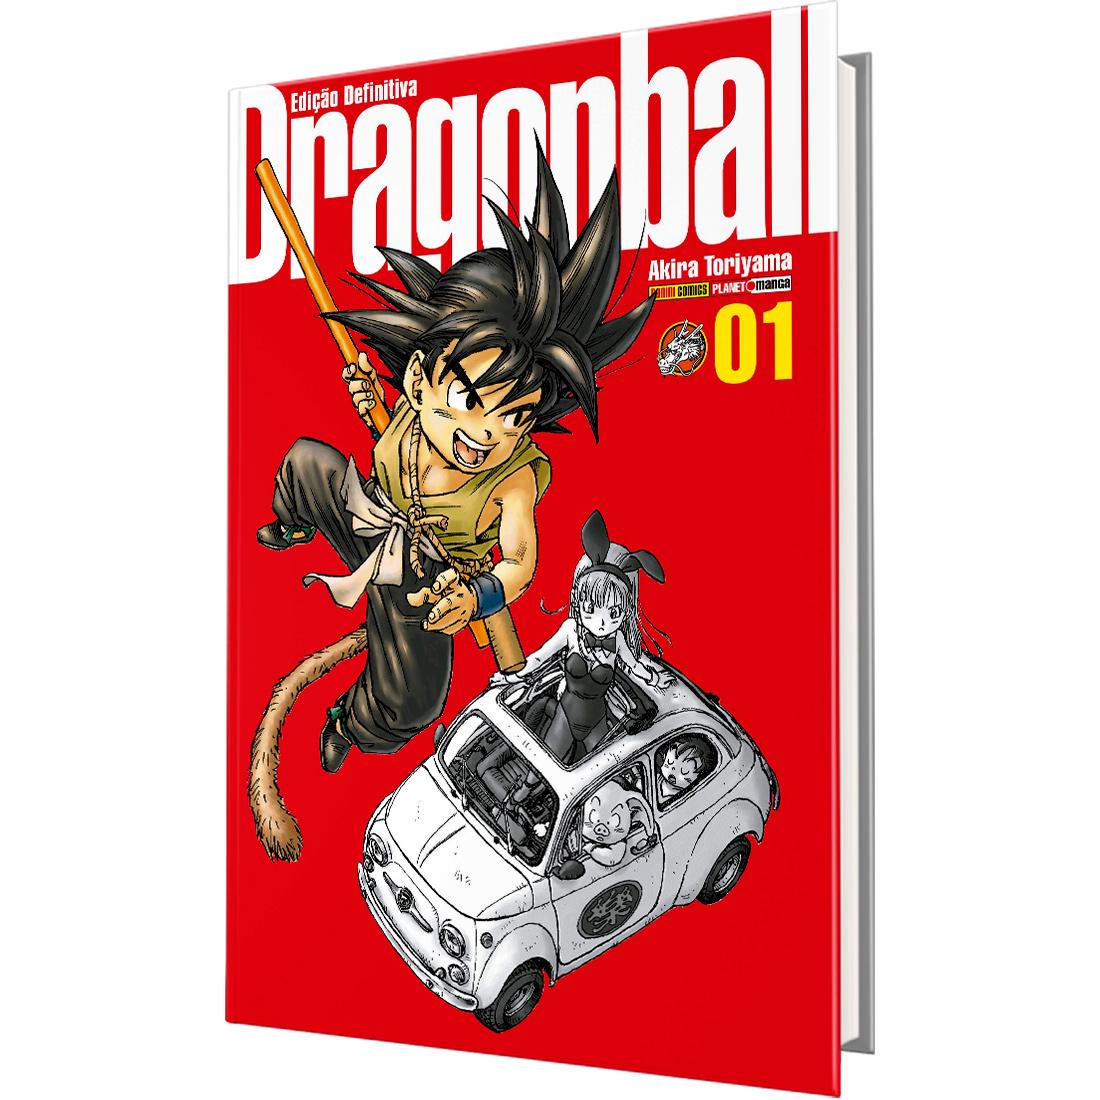 Dragon Ball - Edição Definitiva Vol. 1